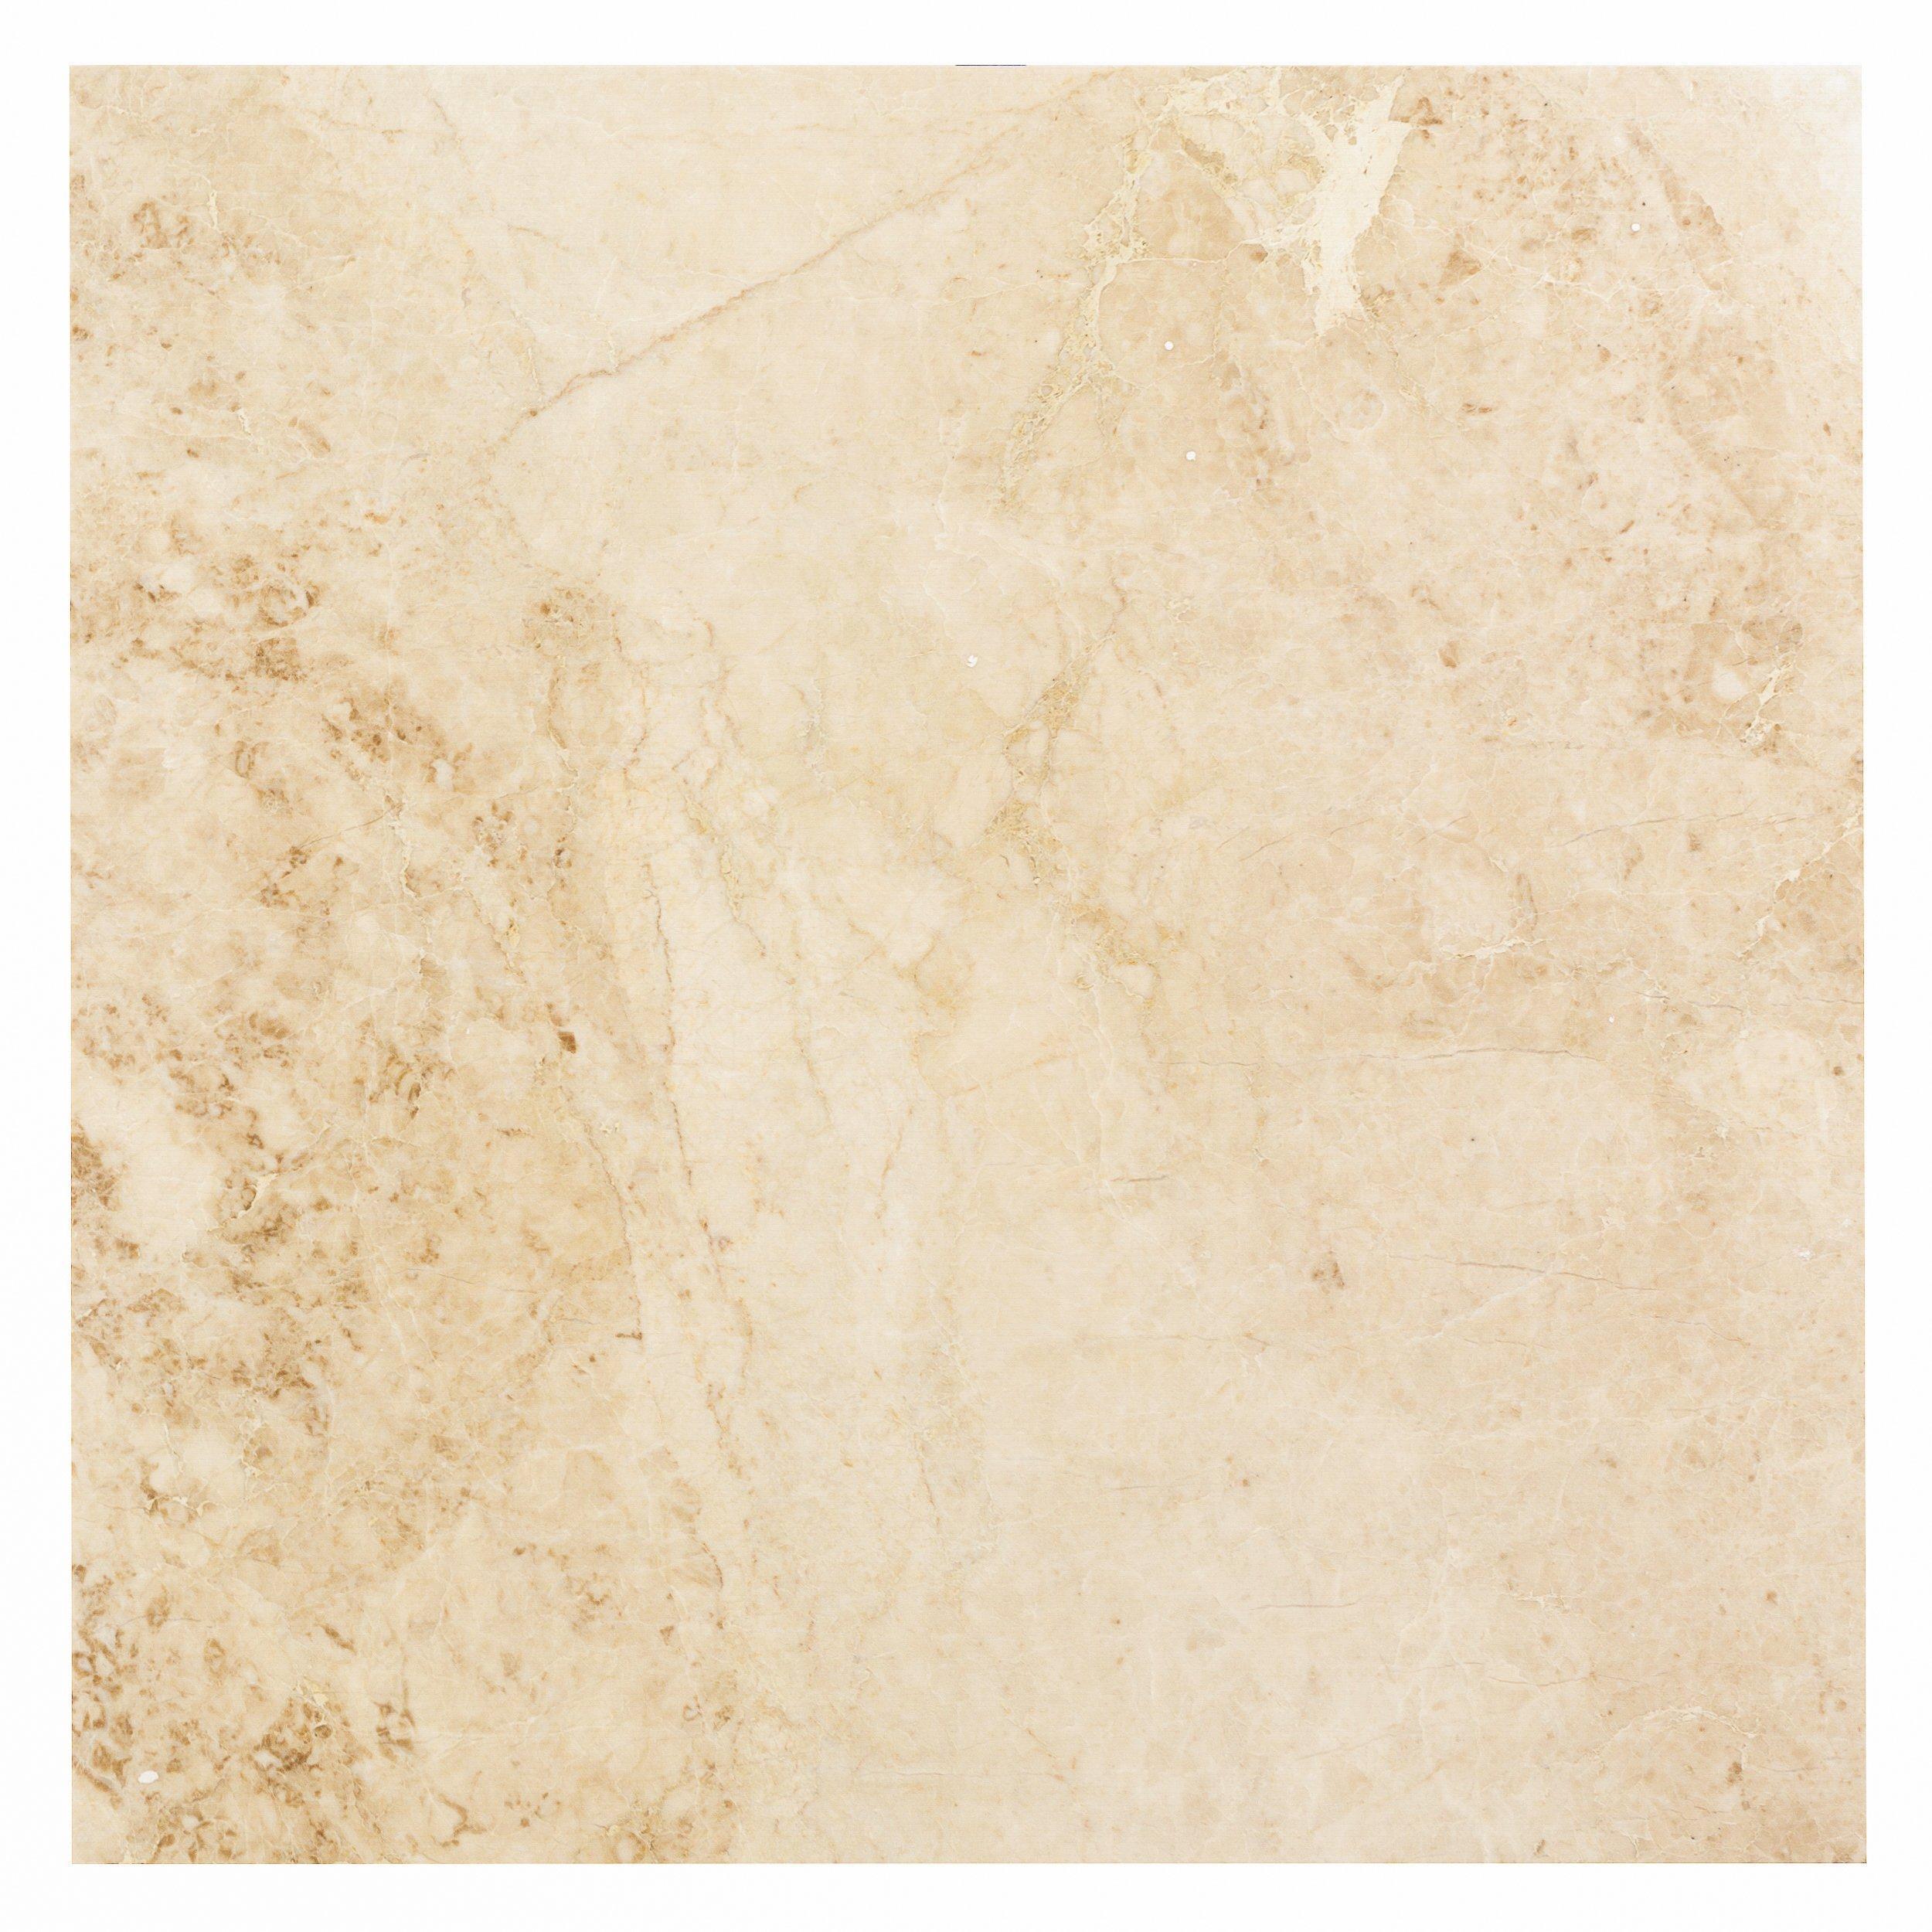 crema marfil classic premium marble